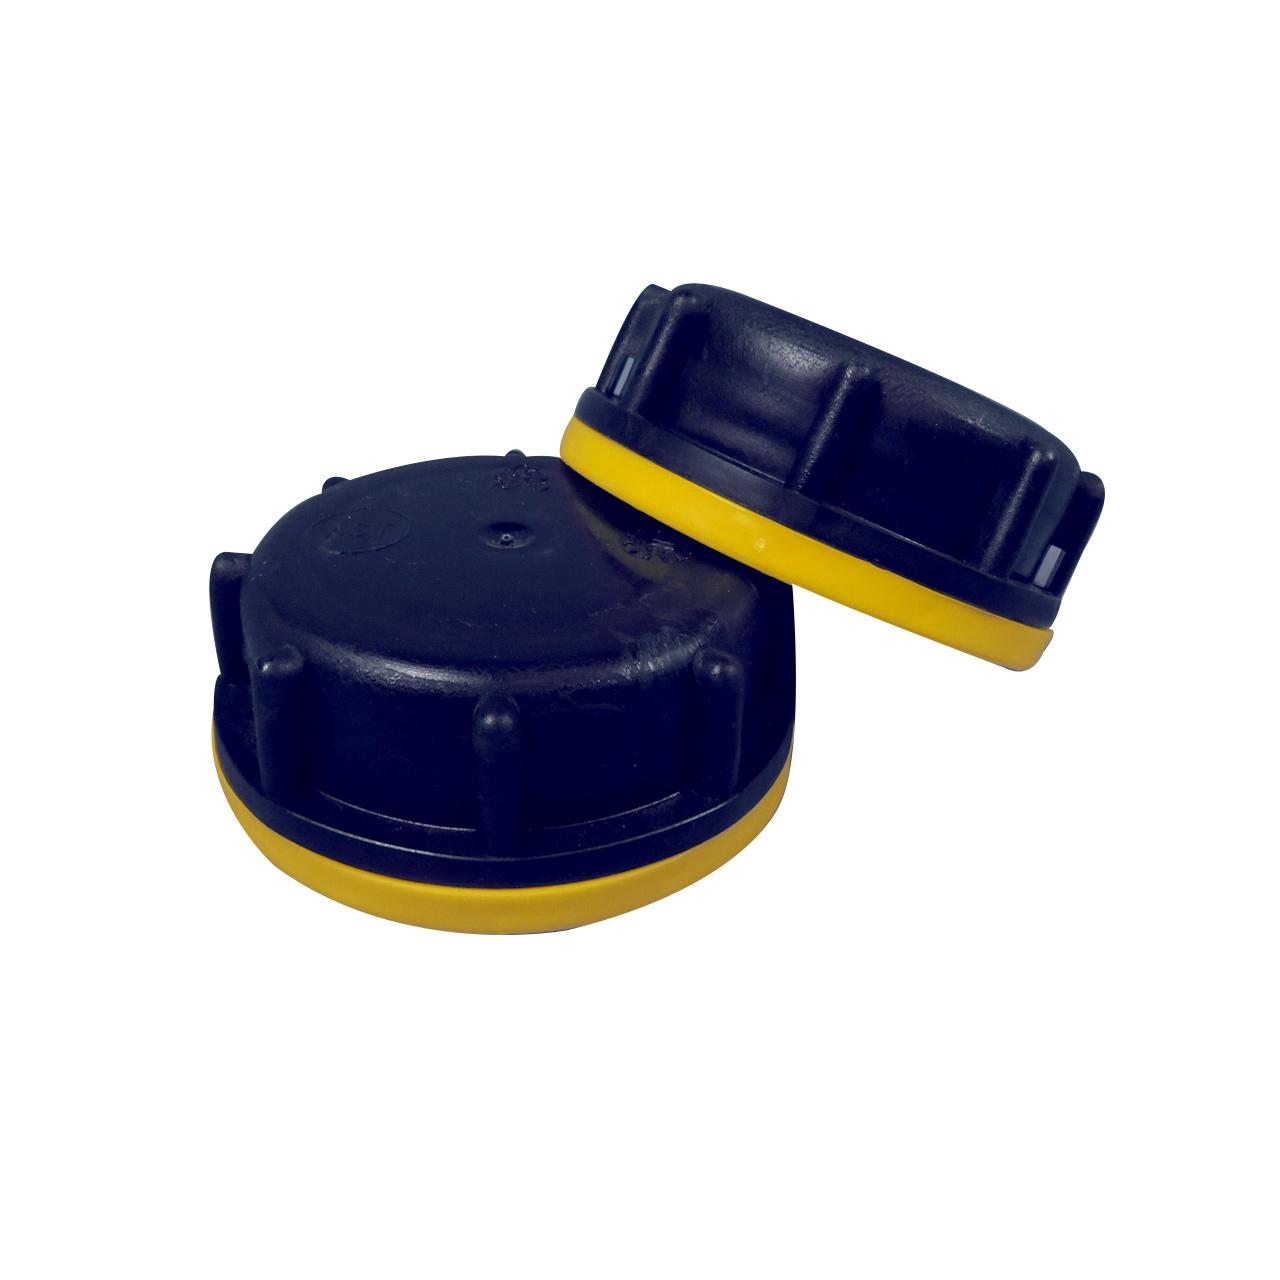 Kanisterverschluss OV51, schwarz, gelber Ring